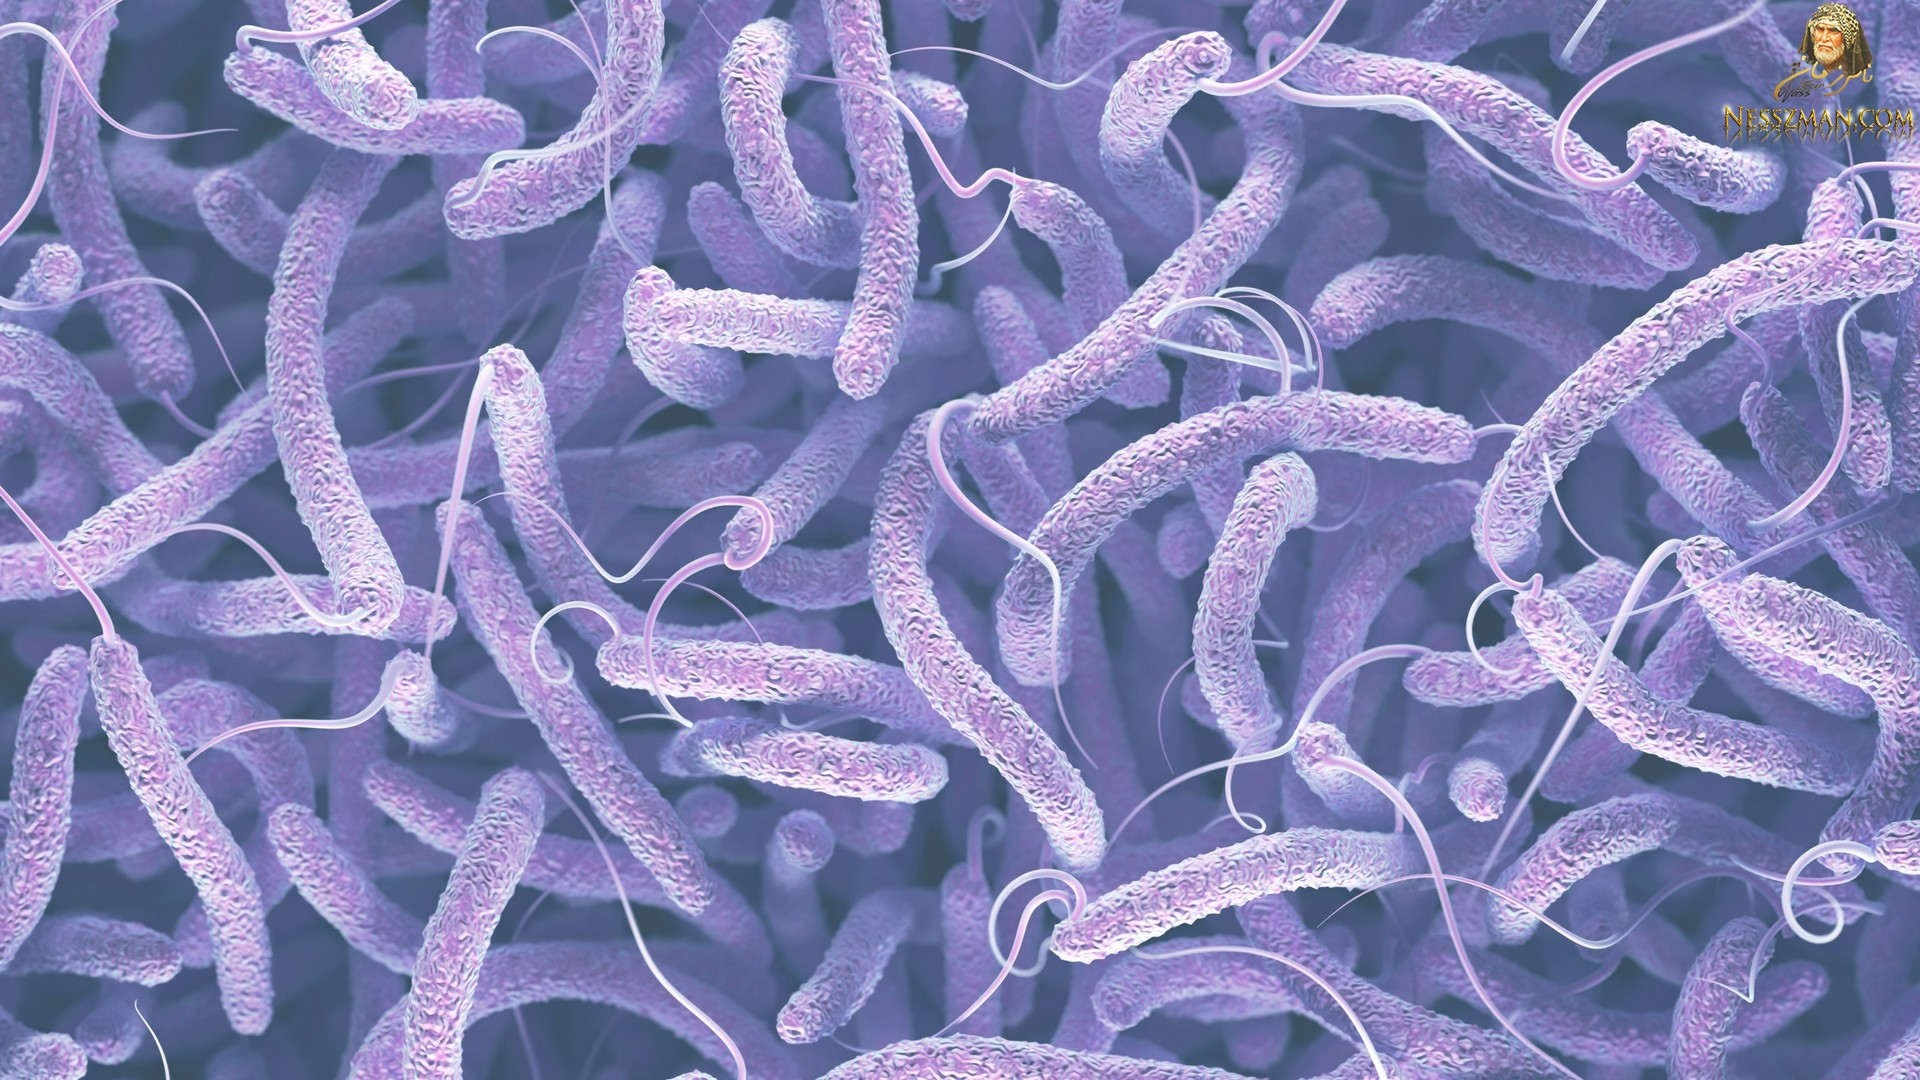 عاجل الجزائر إرتفاع عدد الإصابات بالكوليرا إلى 74 حالة